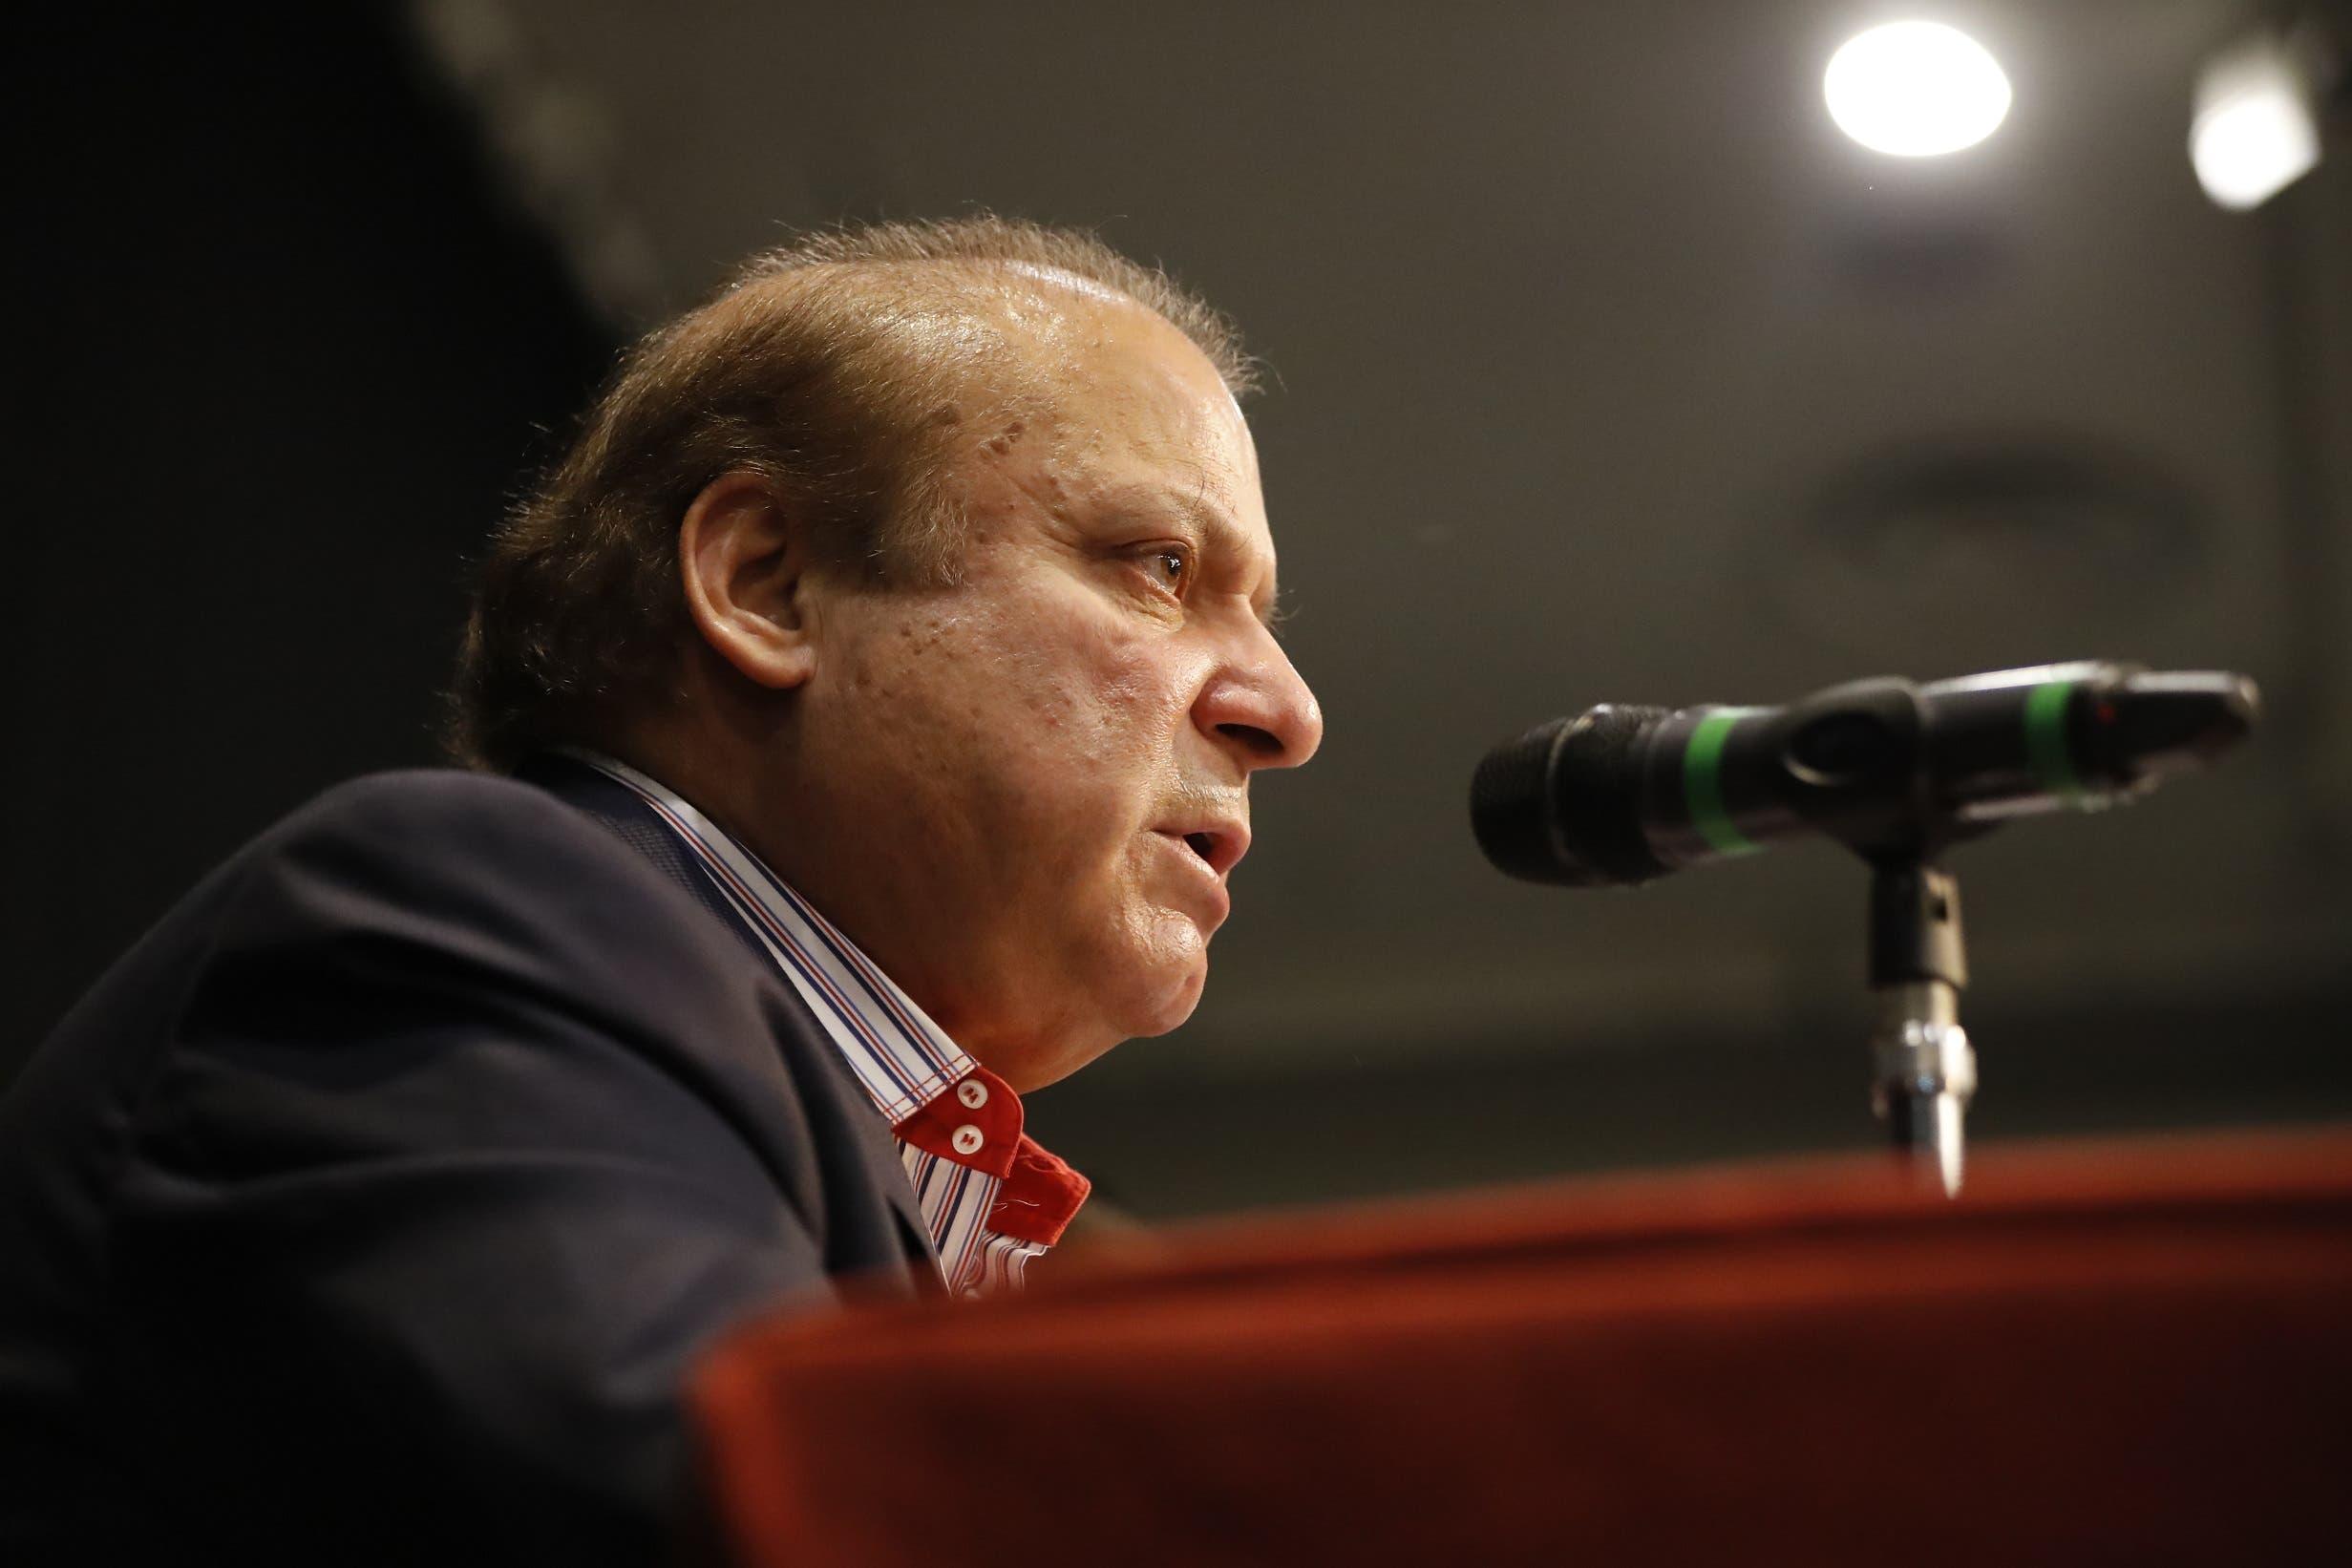 Pakistan's former prime minister Nawaz Sharif AFP